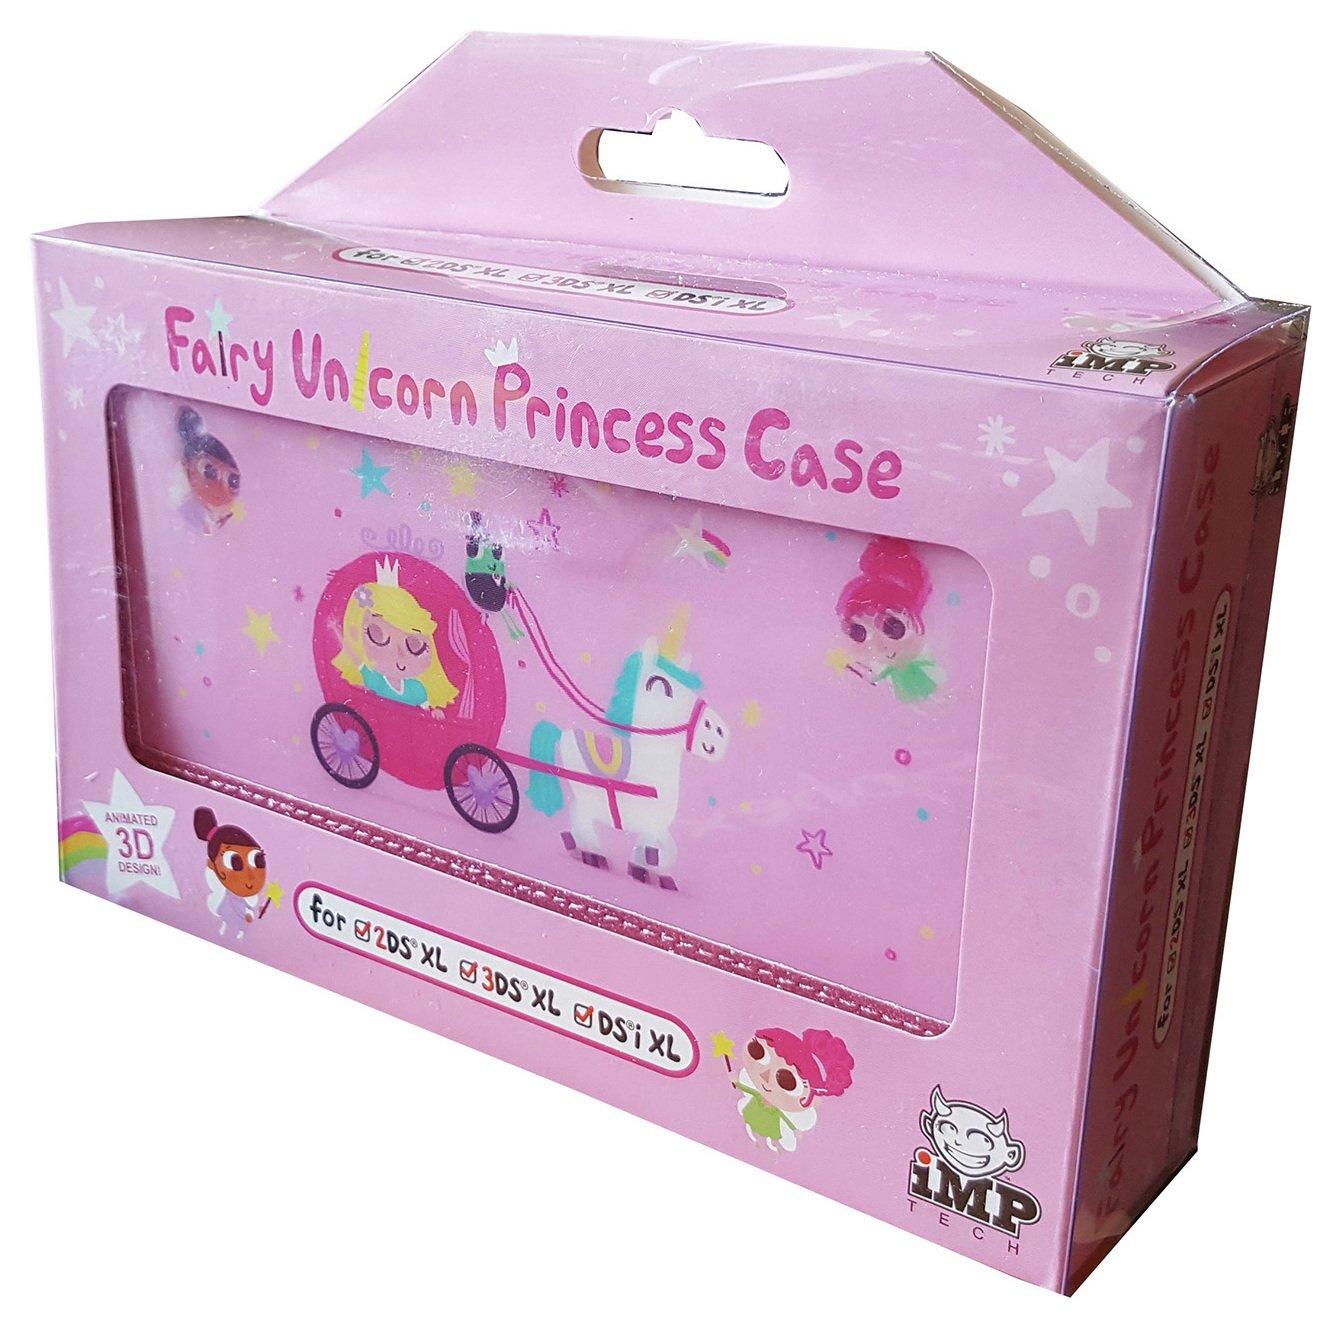 'Fairy Unicorn Princess Nintendo 3ds Xl, 2ds Xl Case